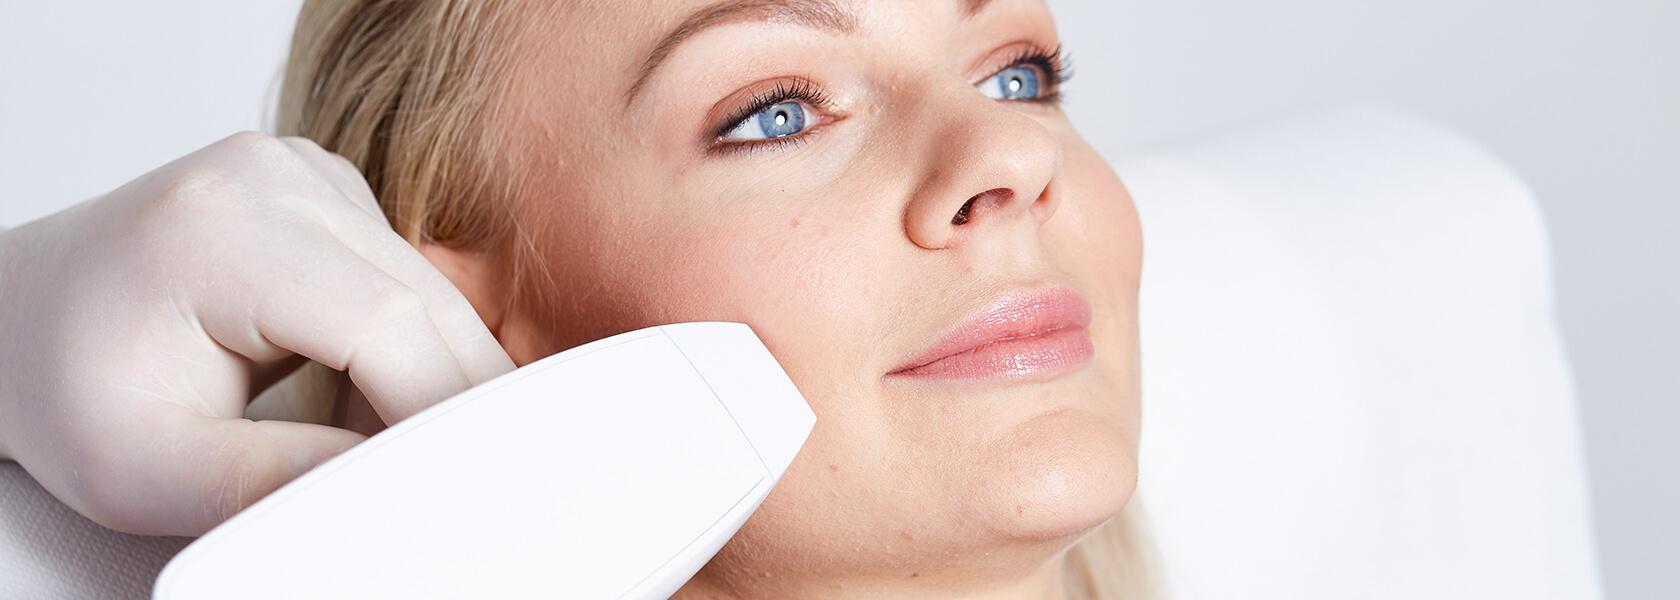 Aknenarben entfernen, Aknenarben behandeln, Aknenarben lasern, Akne behandeln, Akne Behandlung, Aknenarben entfernen Linz Kollerbeauty